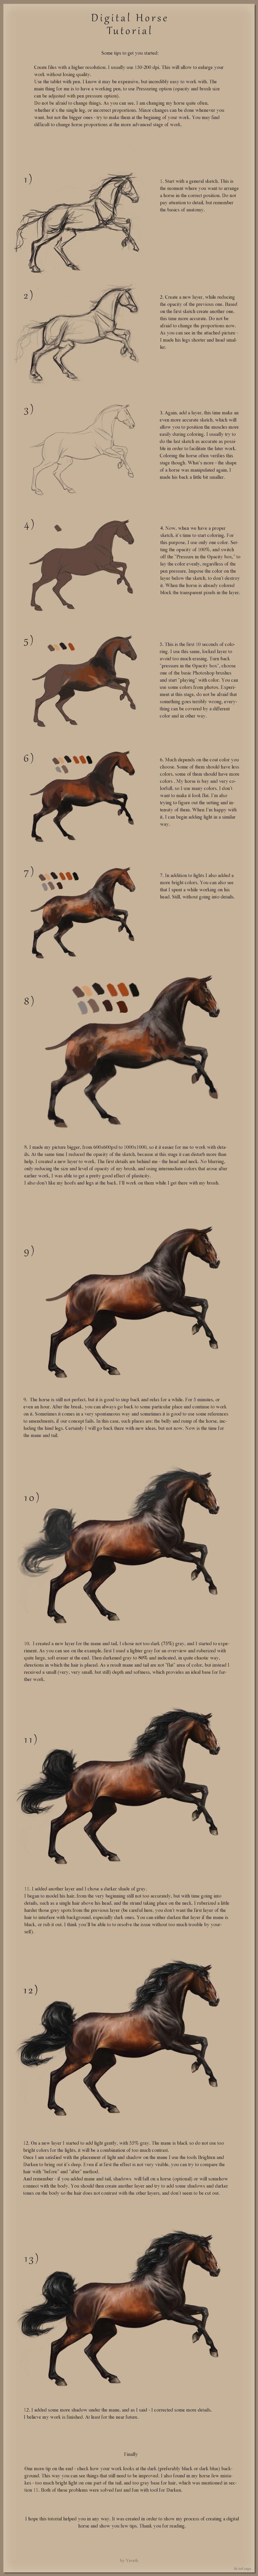 Digital Horse Tutorial by Yaveth.deviantart.com on @deviantART